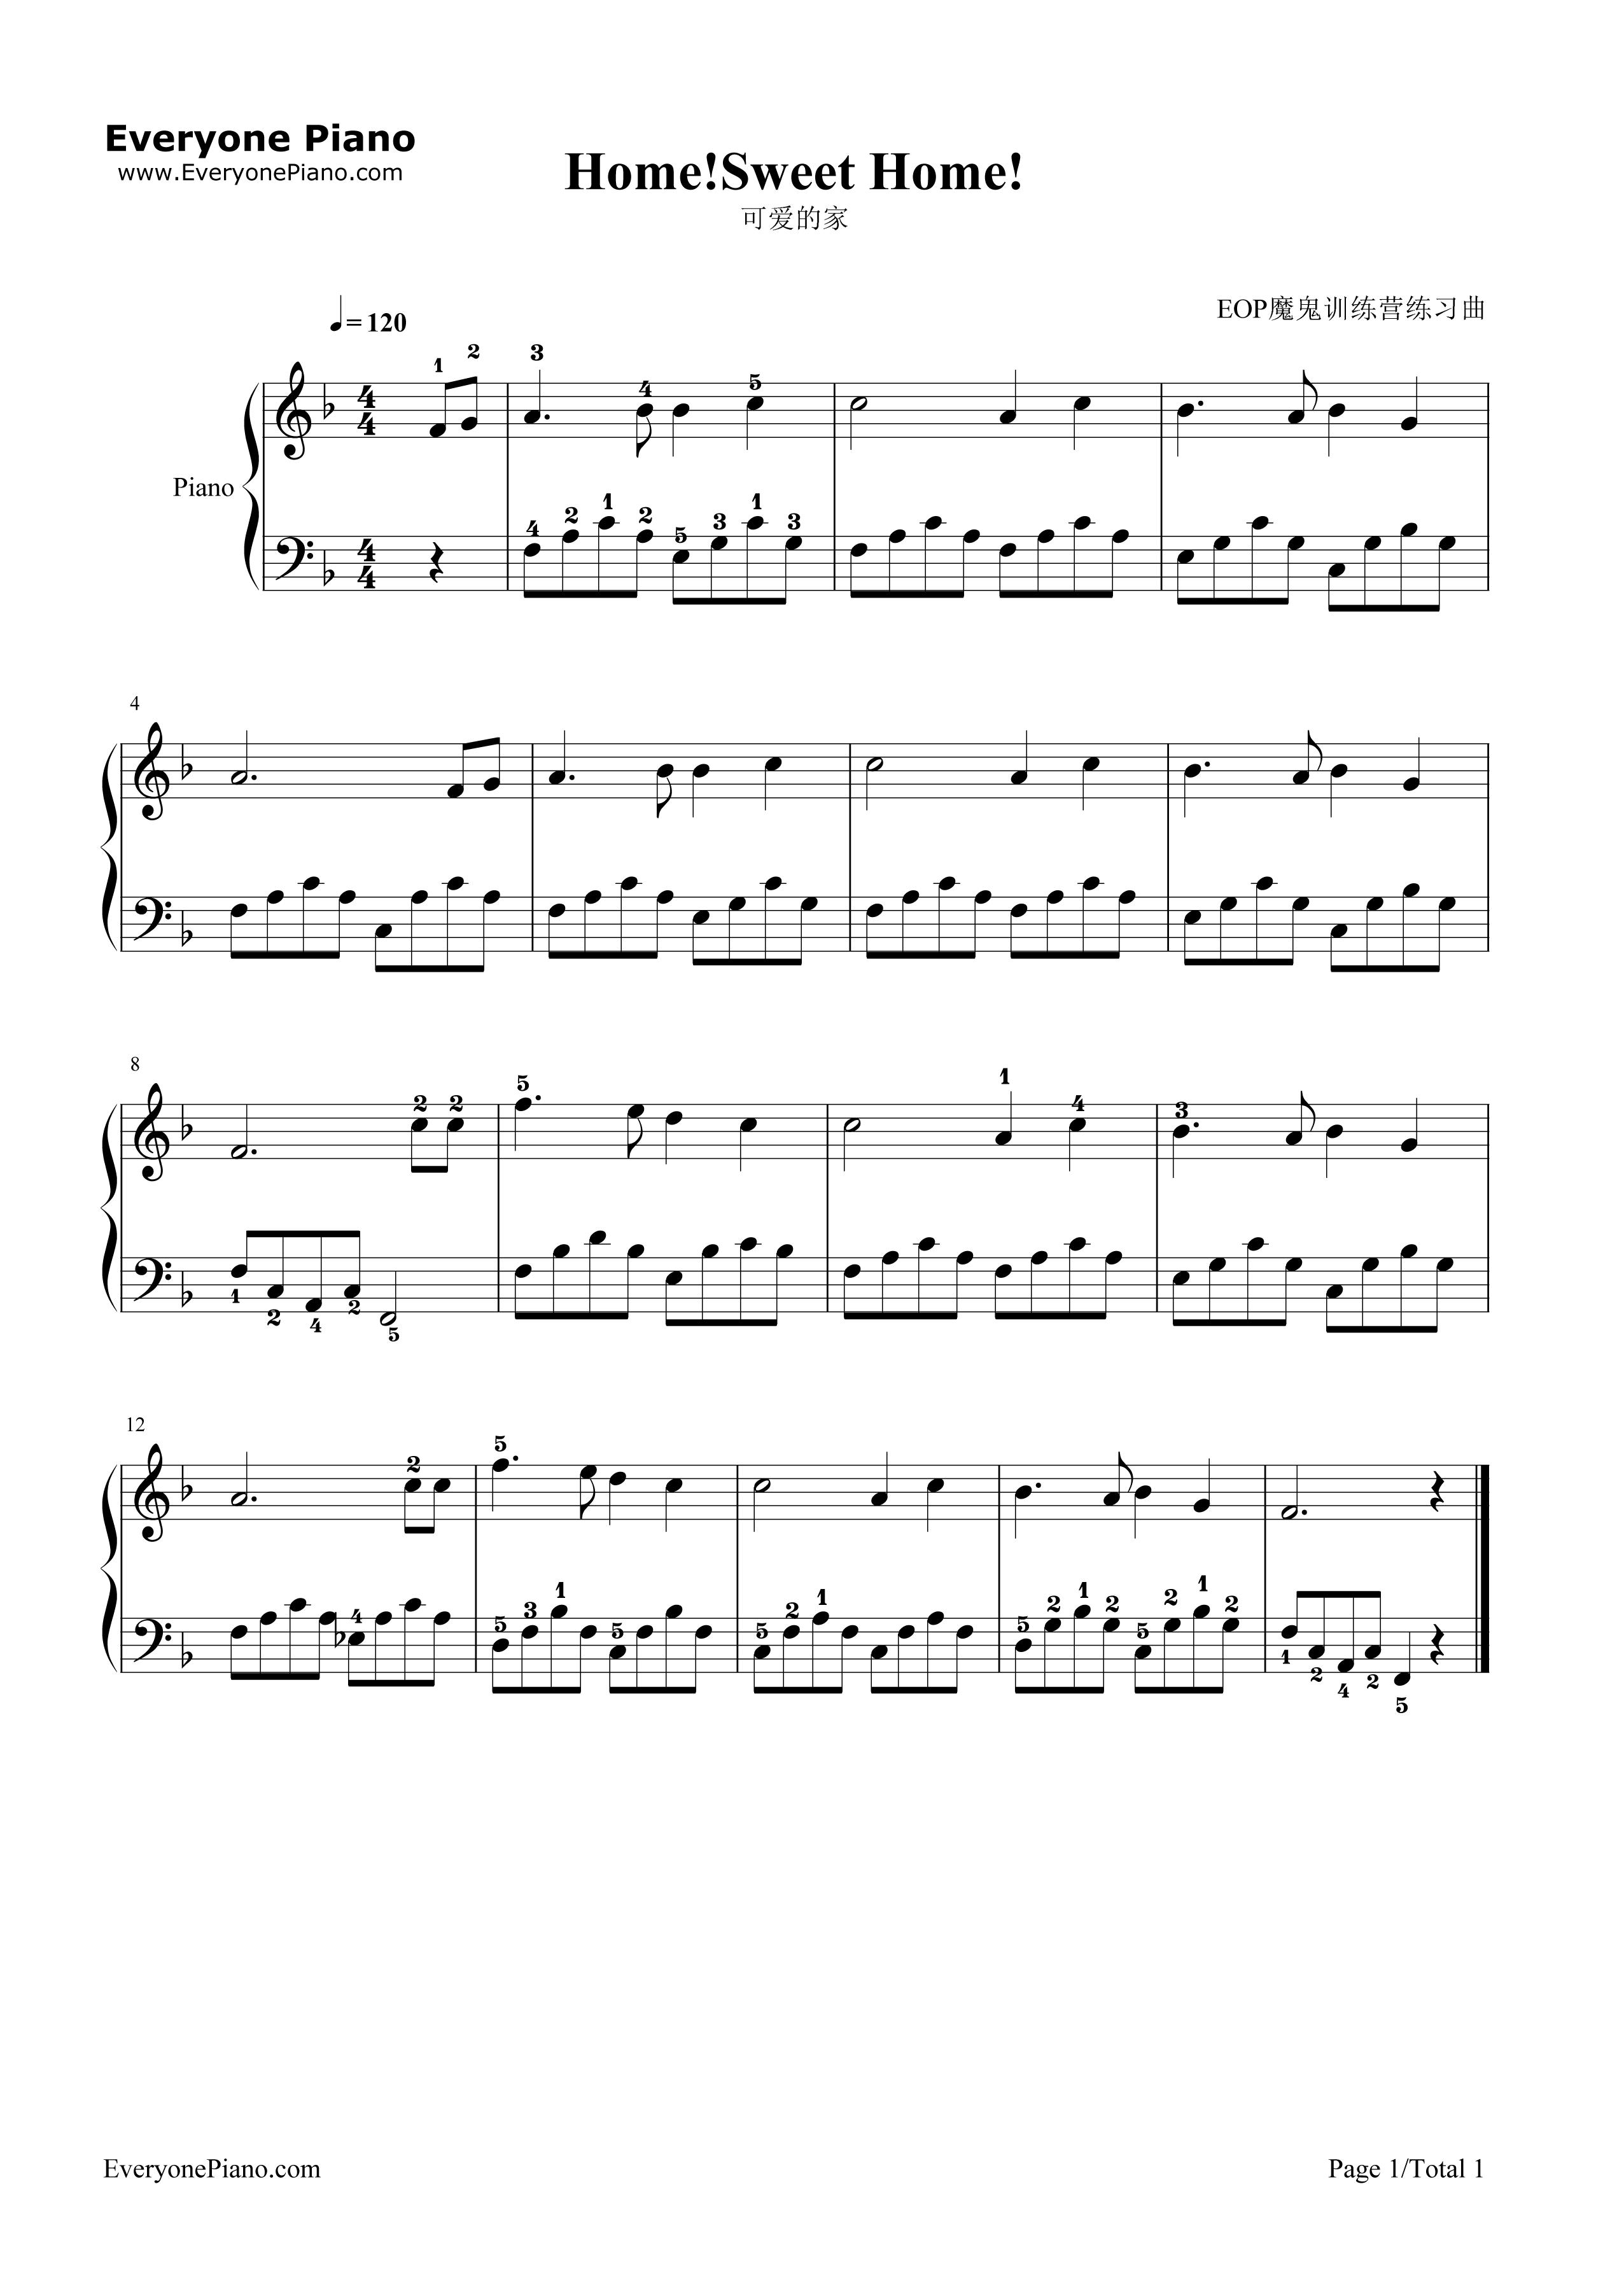 可爱的家五线谱预览1-钢琴谱(五线谱,双手简谱)免费